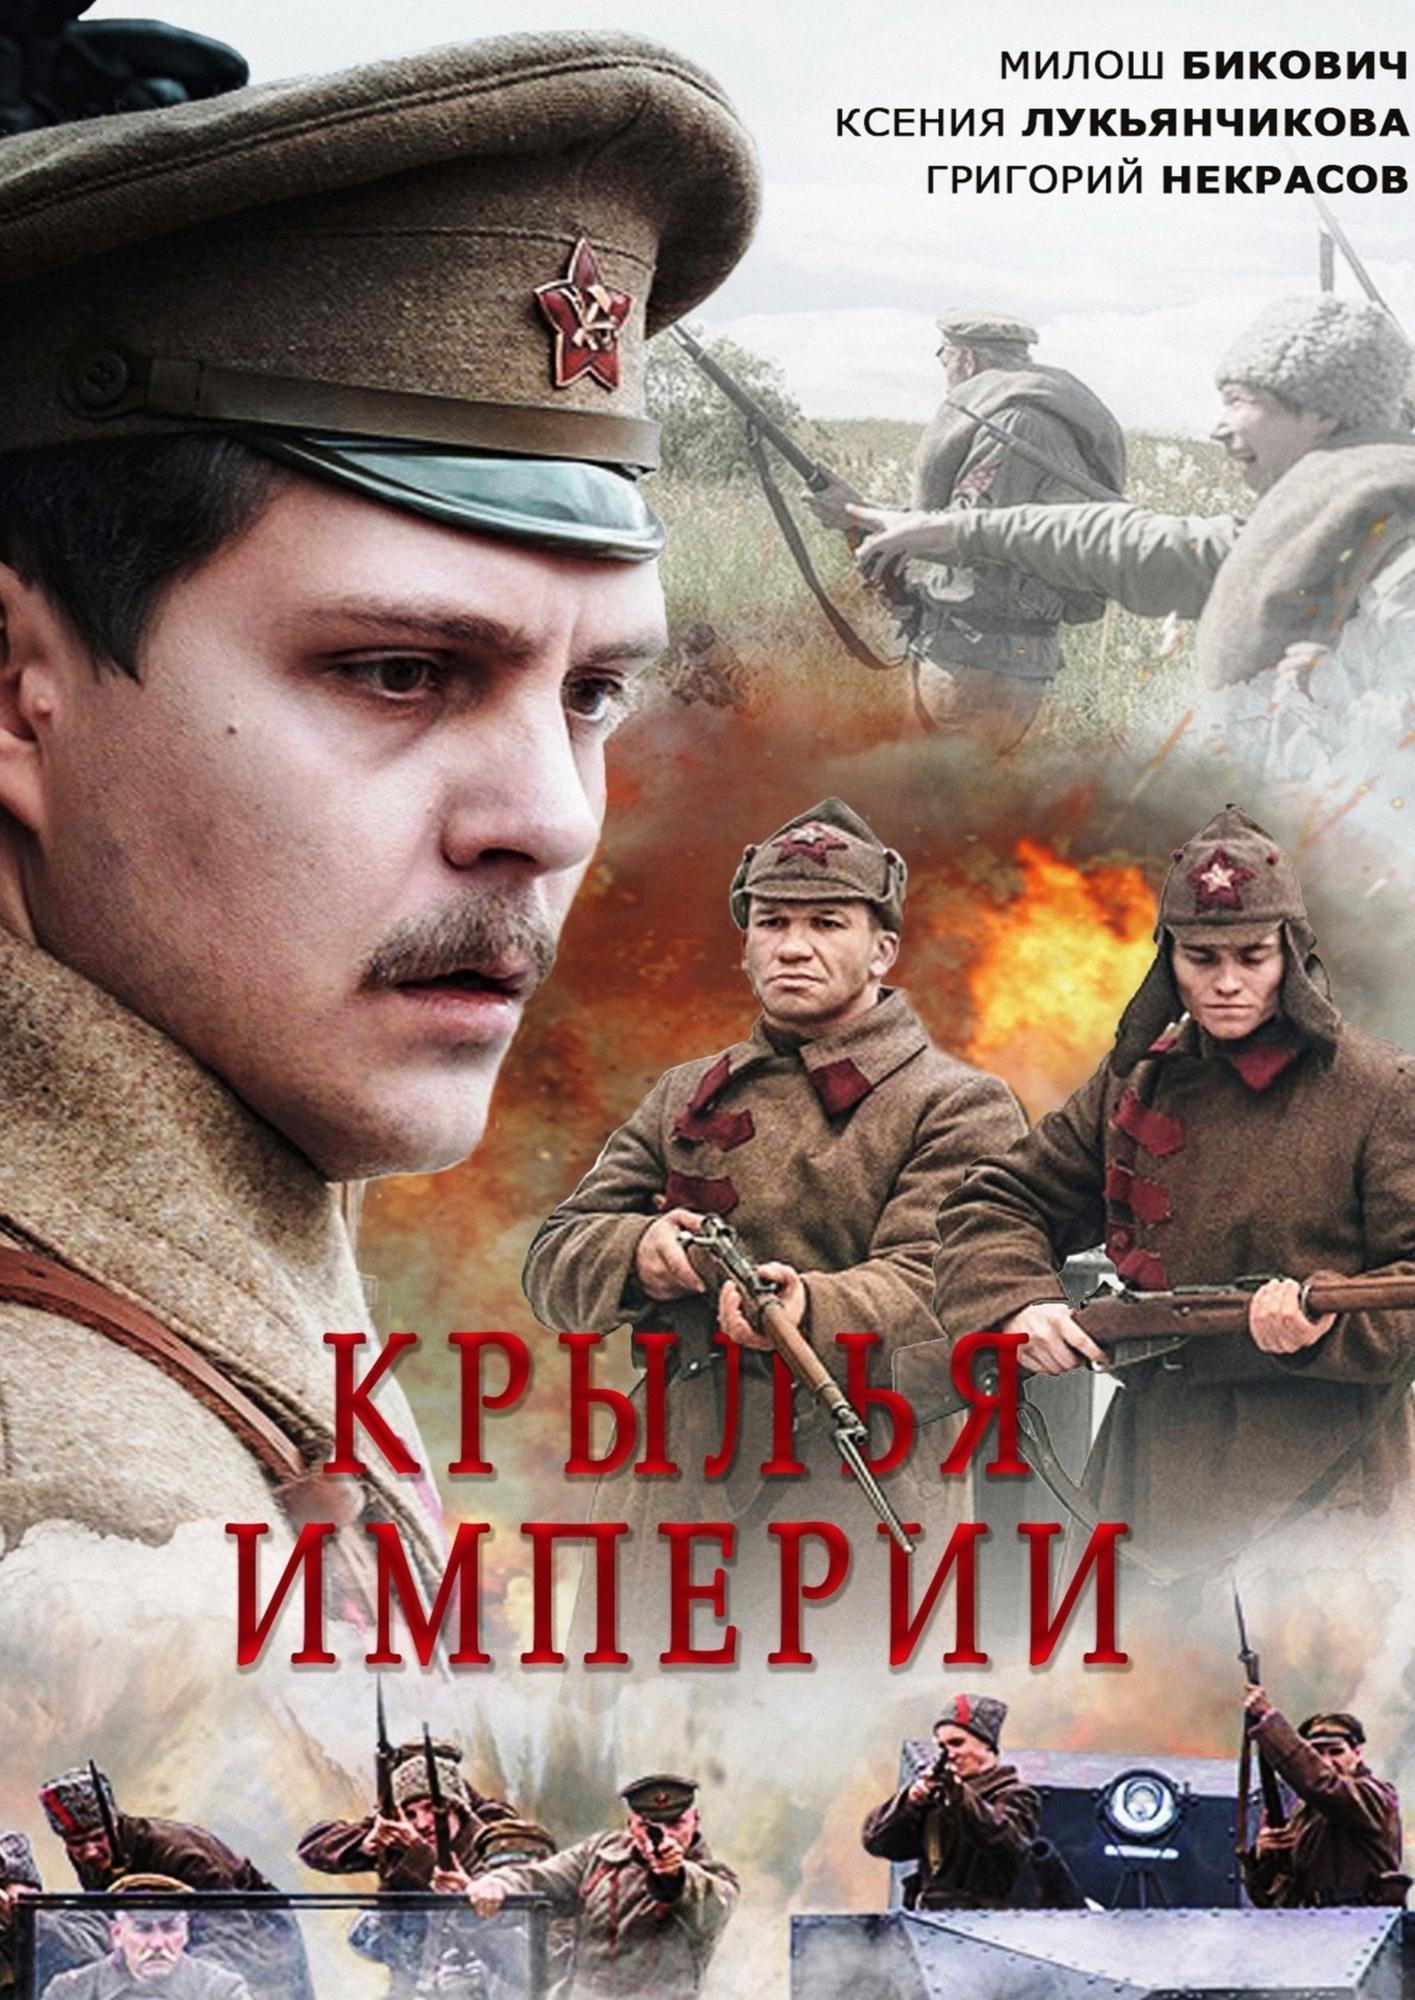 Драма «Κрылья импeрии» (2019) 9-10 серия из 12 HD